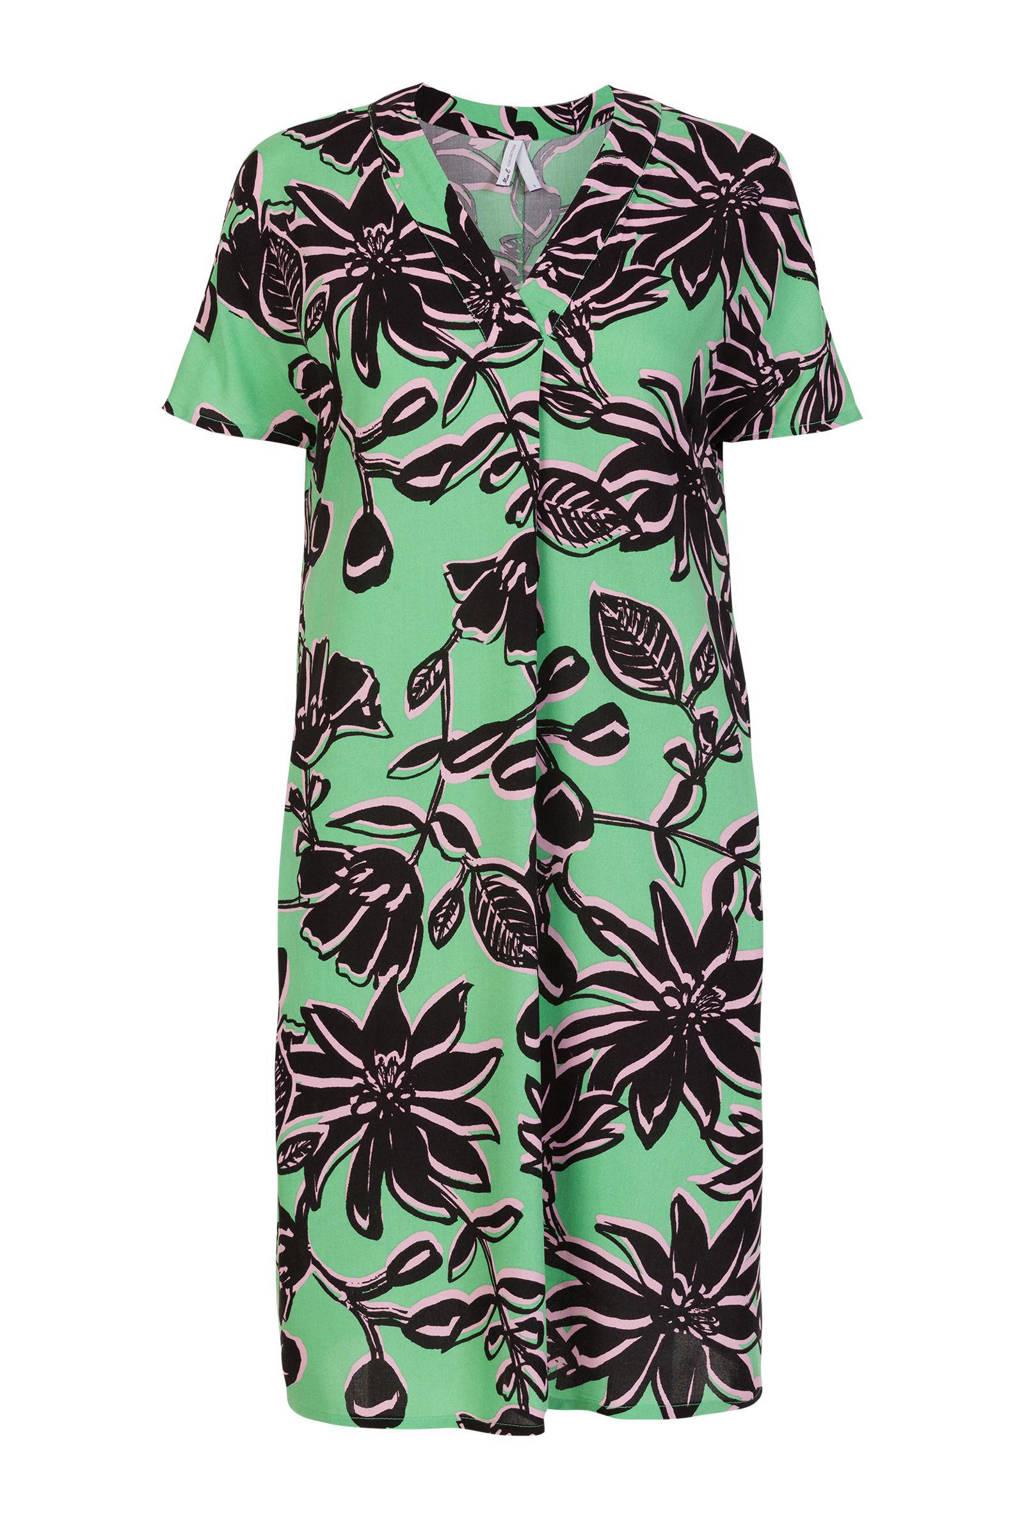 Miss Etam Regulier jurk met bladprint en plooien groen/zwart/lichtroze, Groen/zwart/lichtroze